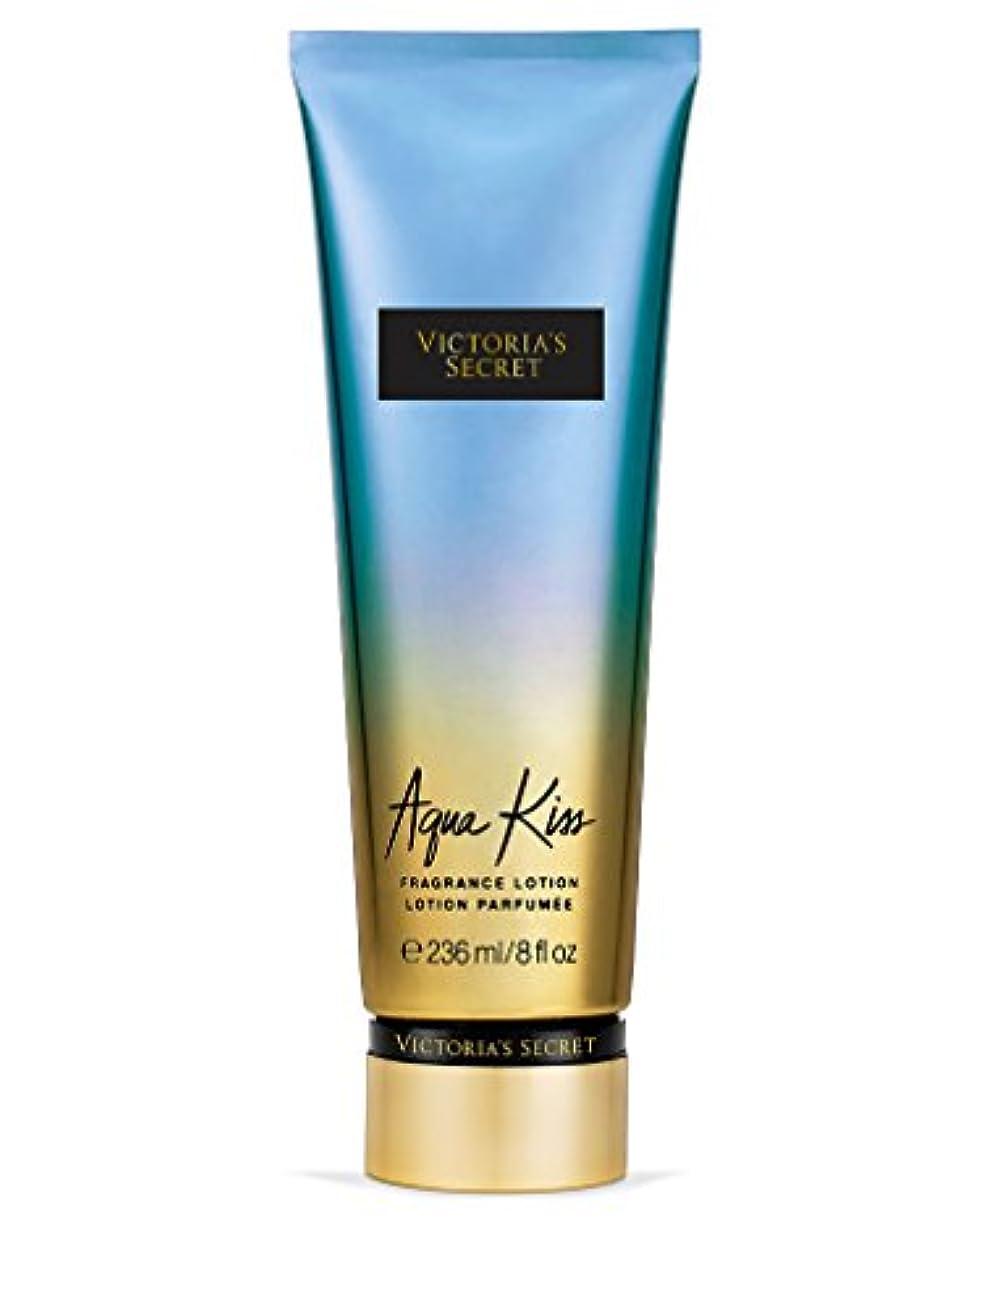 遠い再撮り投資するVictoria's Secret ヴィクトリアシークレット Aqua Kiss Fragrance Lotion フレグランス ボディーローション アクアキス 236ml [並行輸入品]